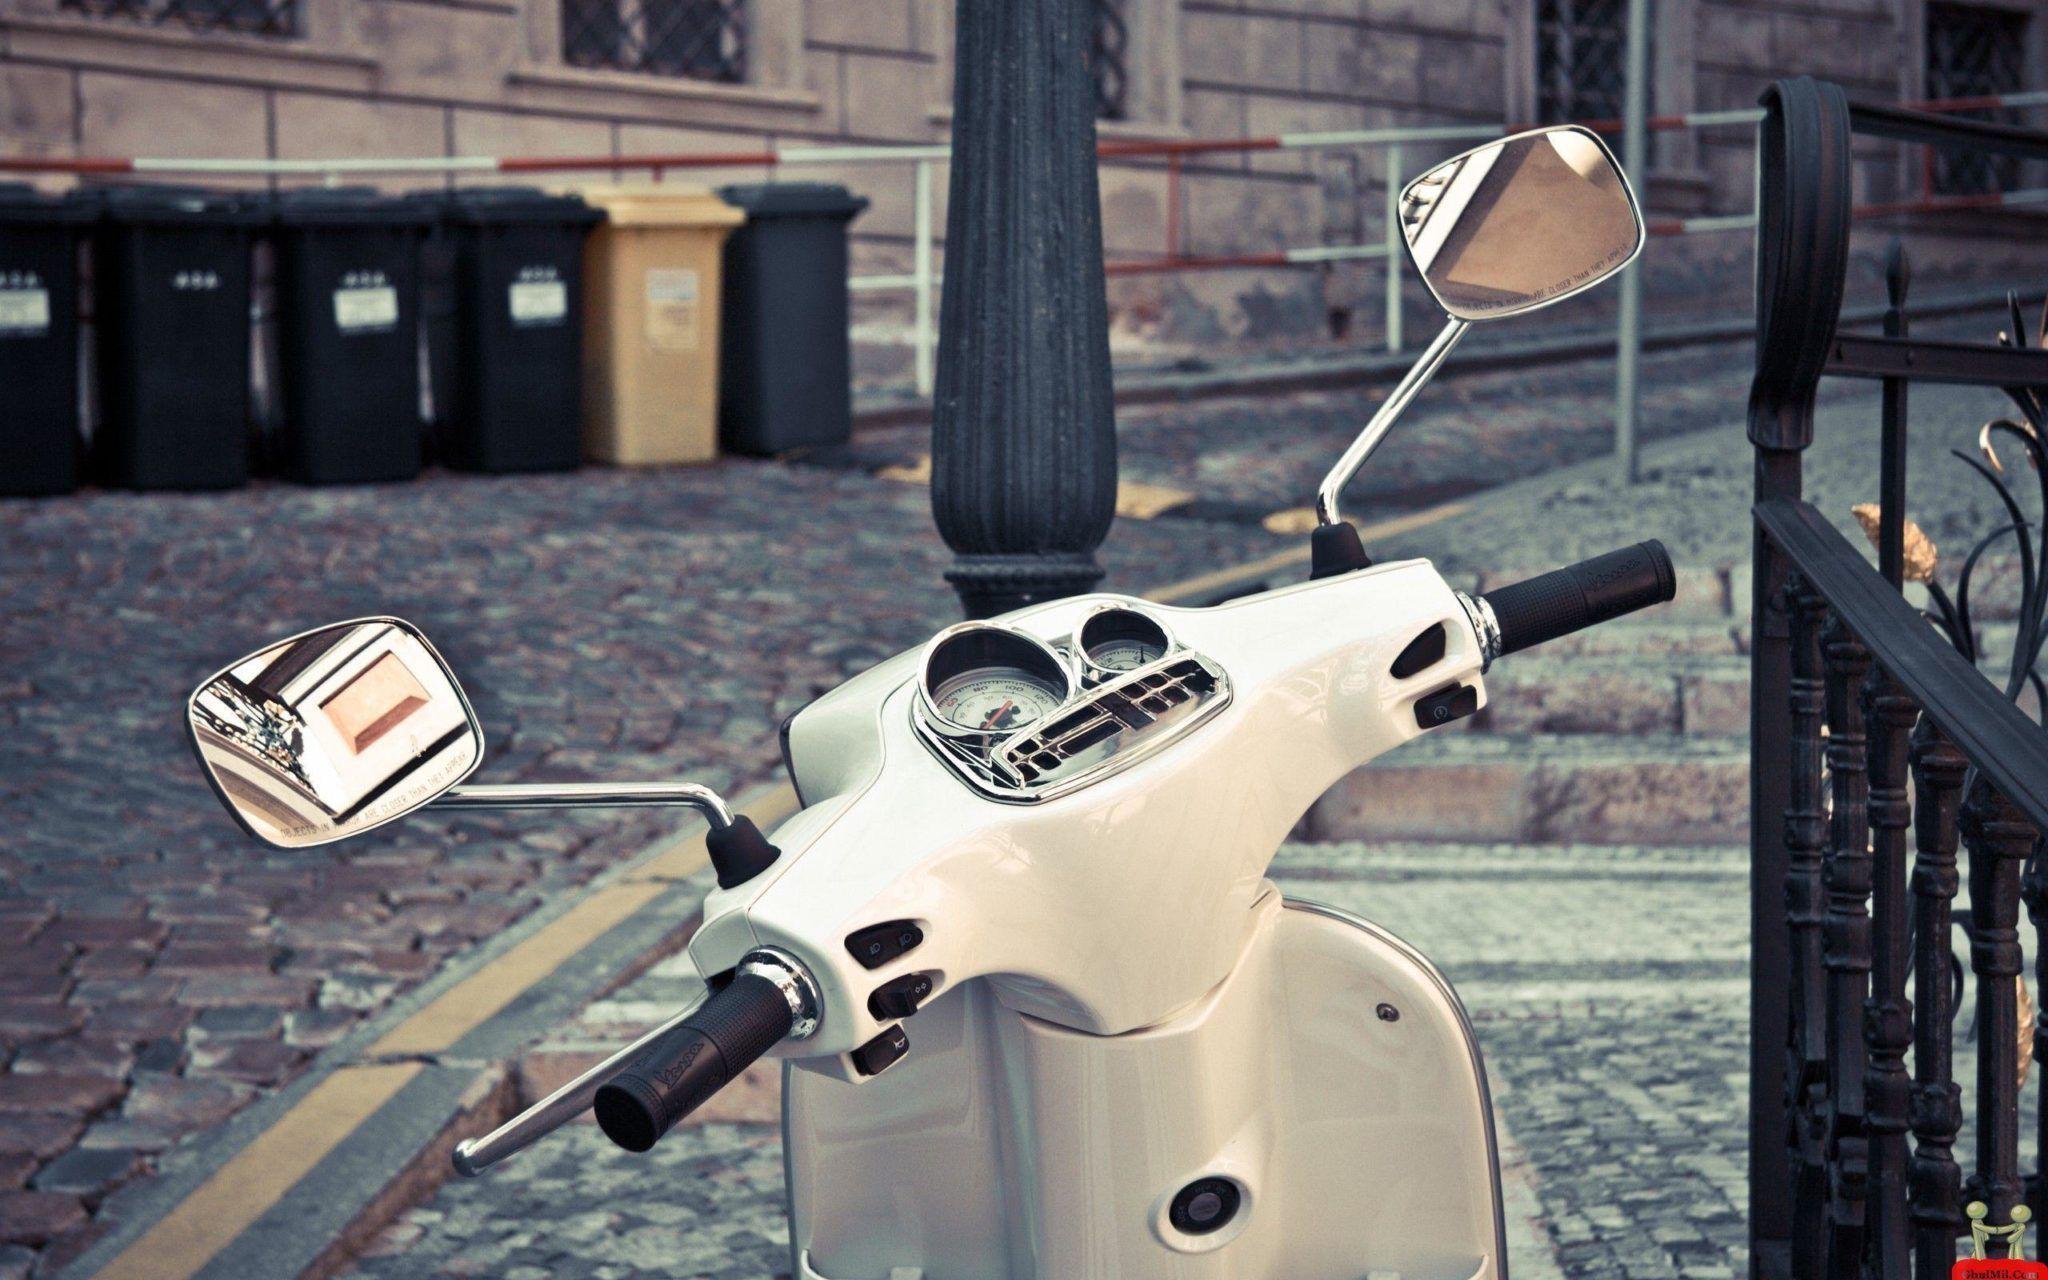 vespa bike full hd wallpapers free download 32 http www